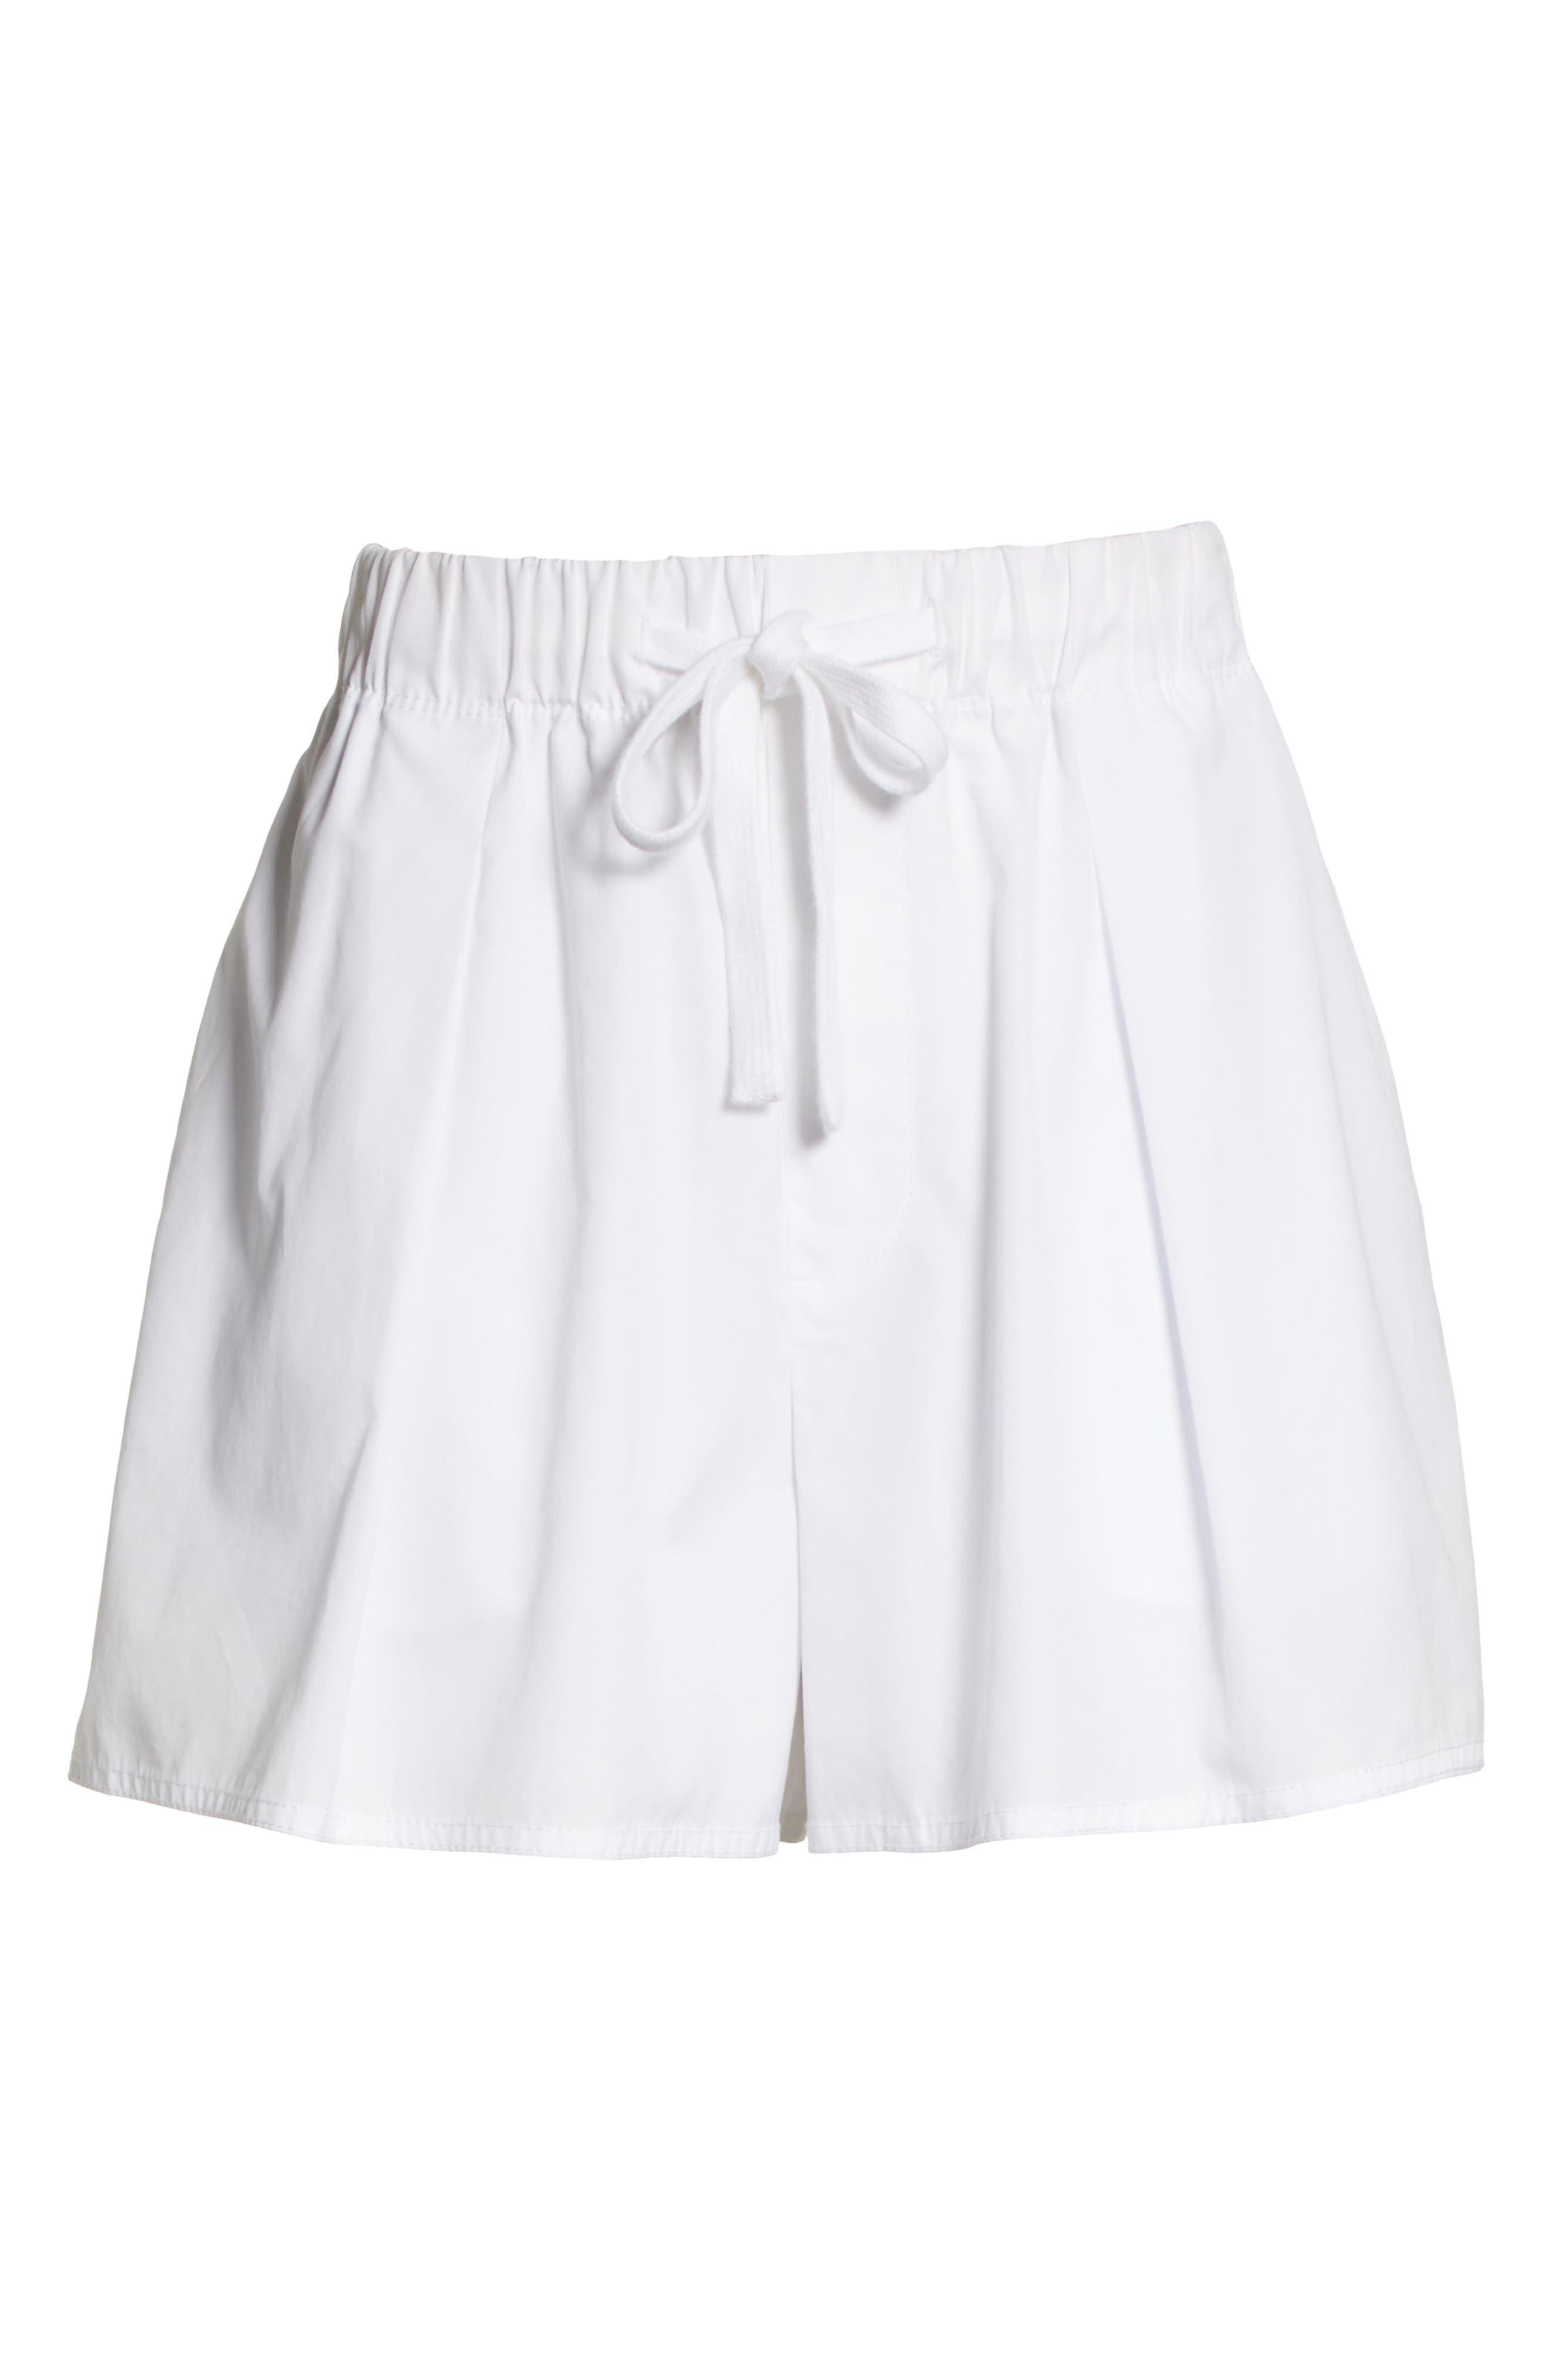 Drawstring Cotton Shorts,                             Alternate thumbnail 6, color,                             White